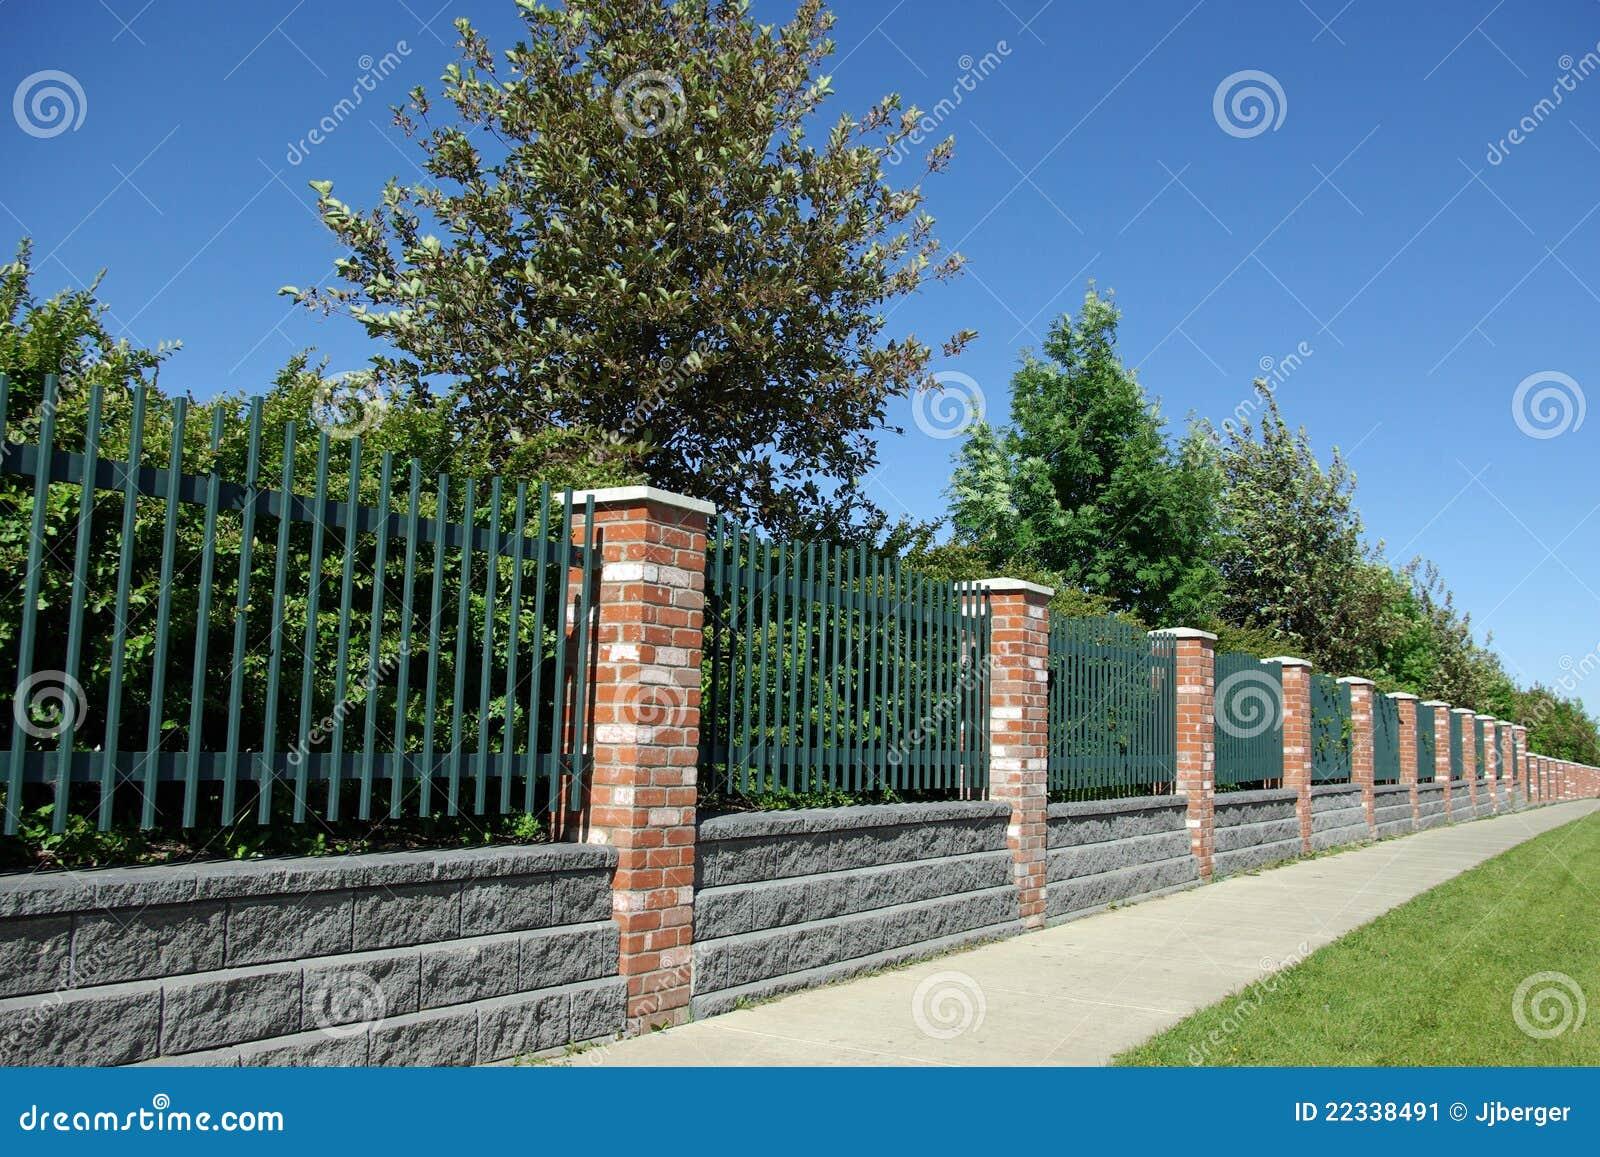 Brick And Iron Fence Stock Image Image 22338491